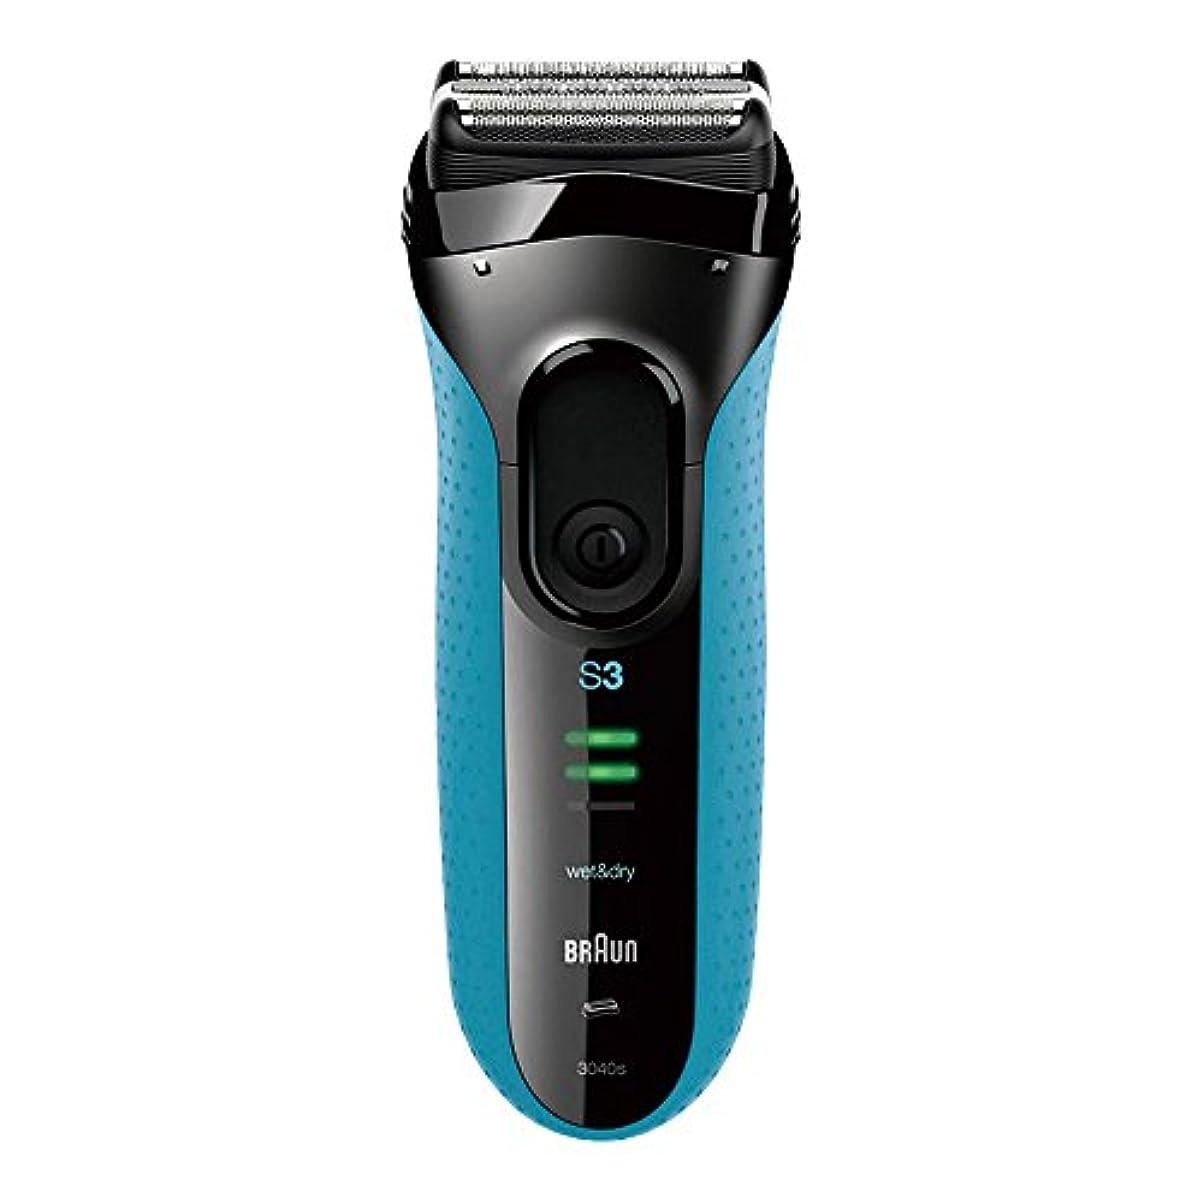 厚くする時期尚早分布ブラウン シリーズ3 メンズシェーバー 3040s-P 3枚刃 お風呂剃り可